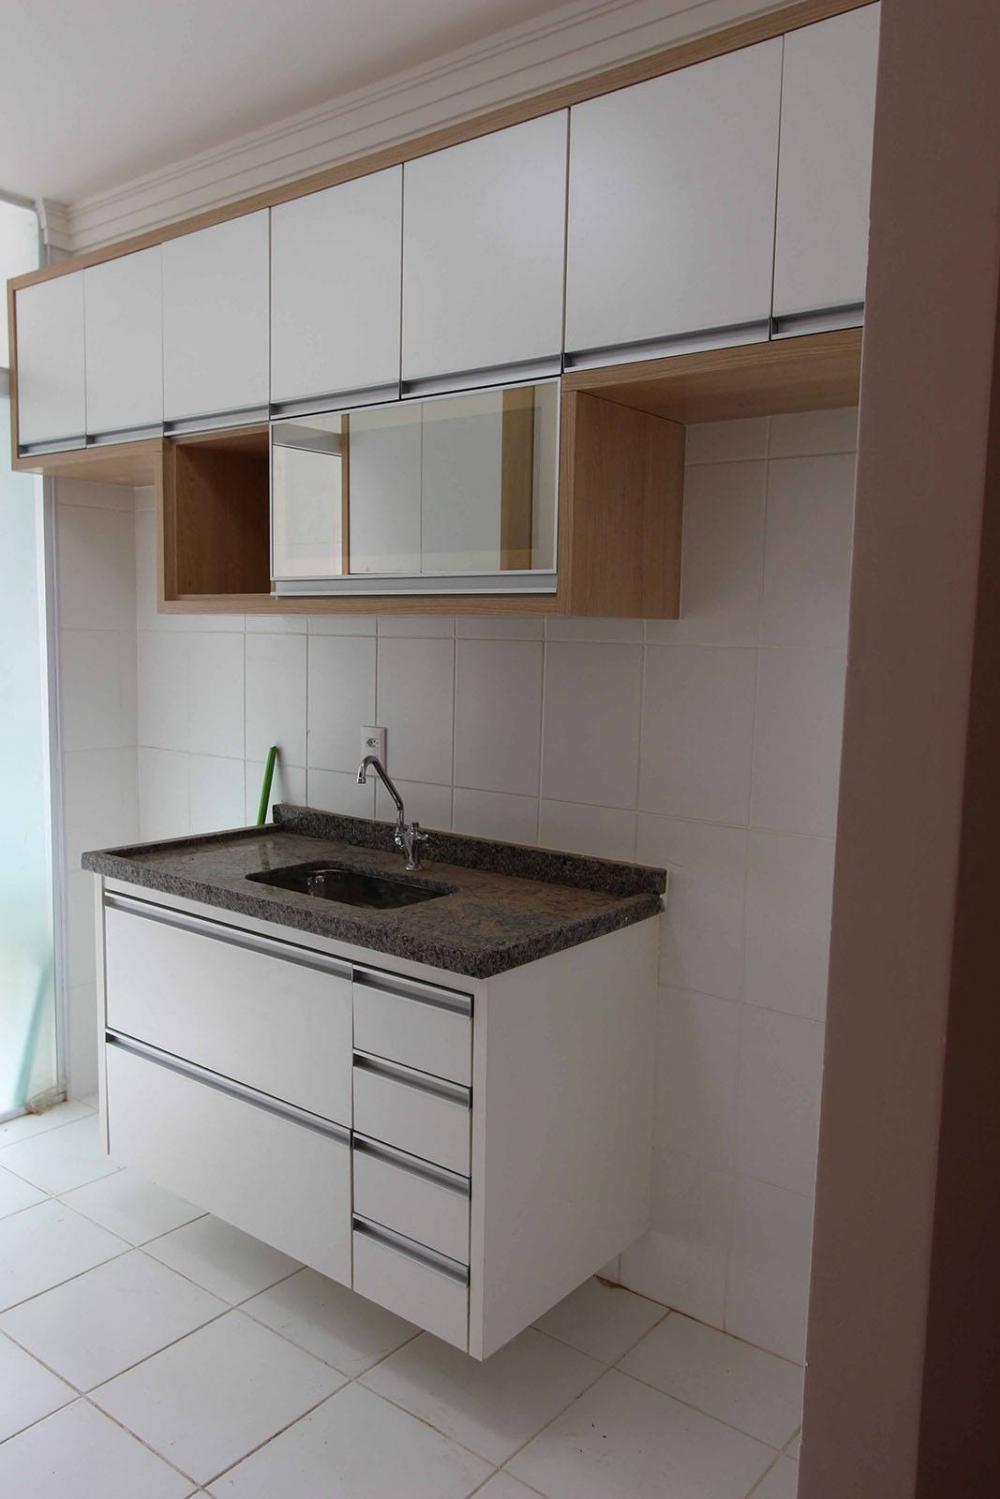 [Cozinha planejada em Vila Prudente SP em MDF branco tx e vidro reflecta bronze]